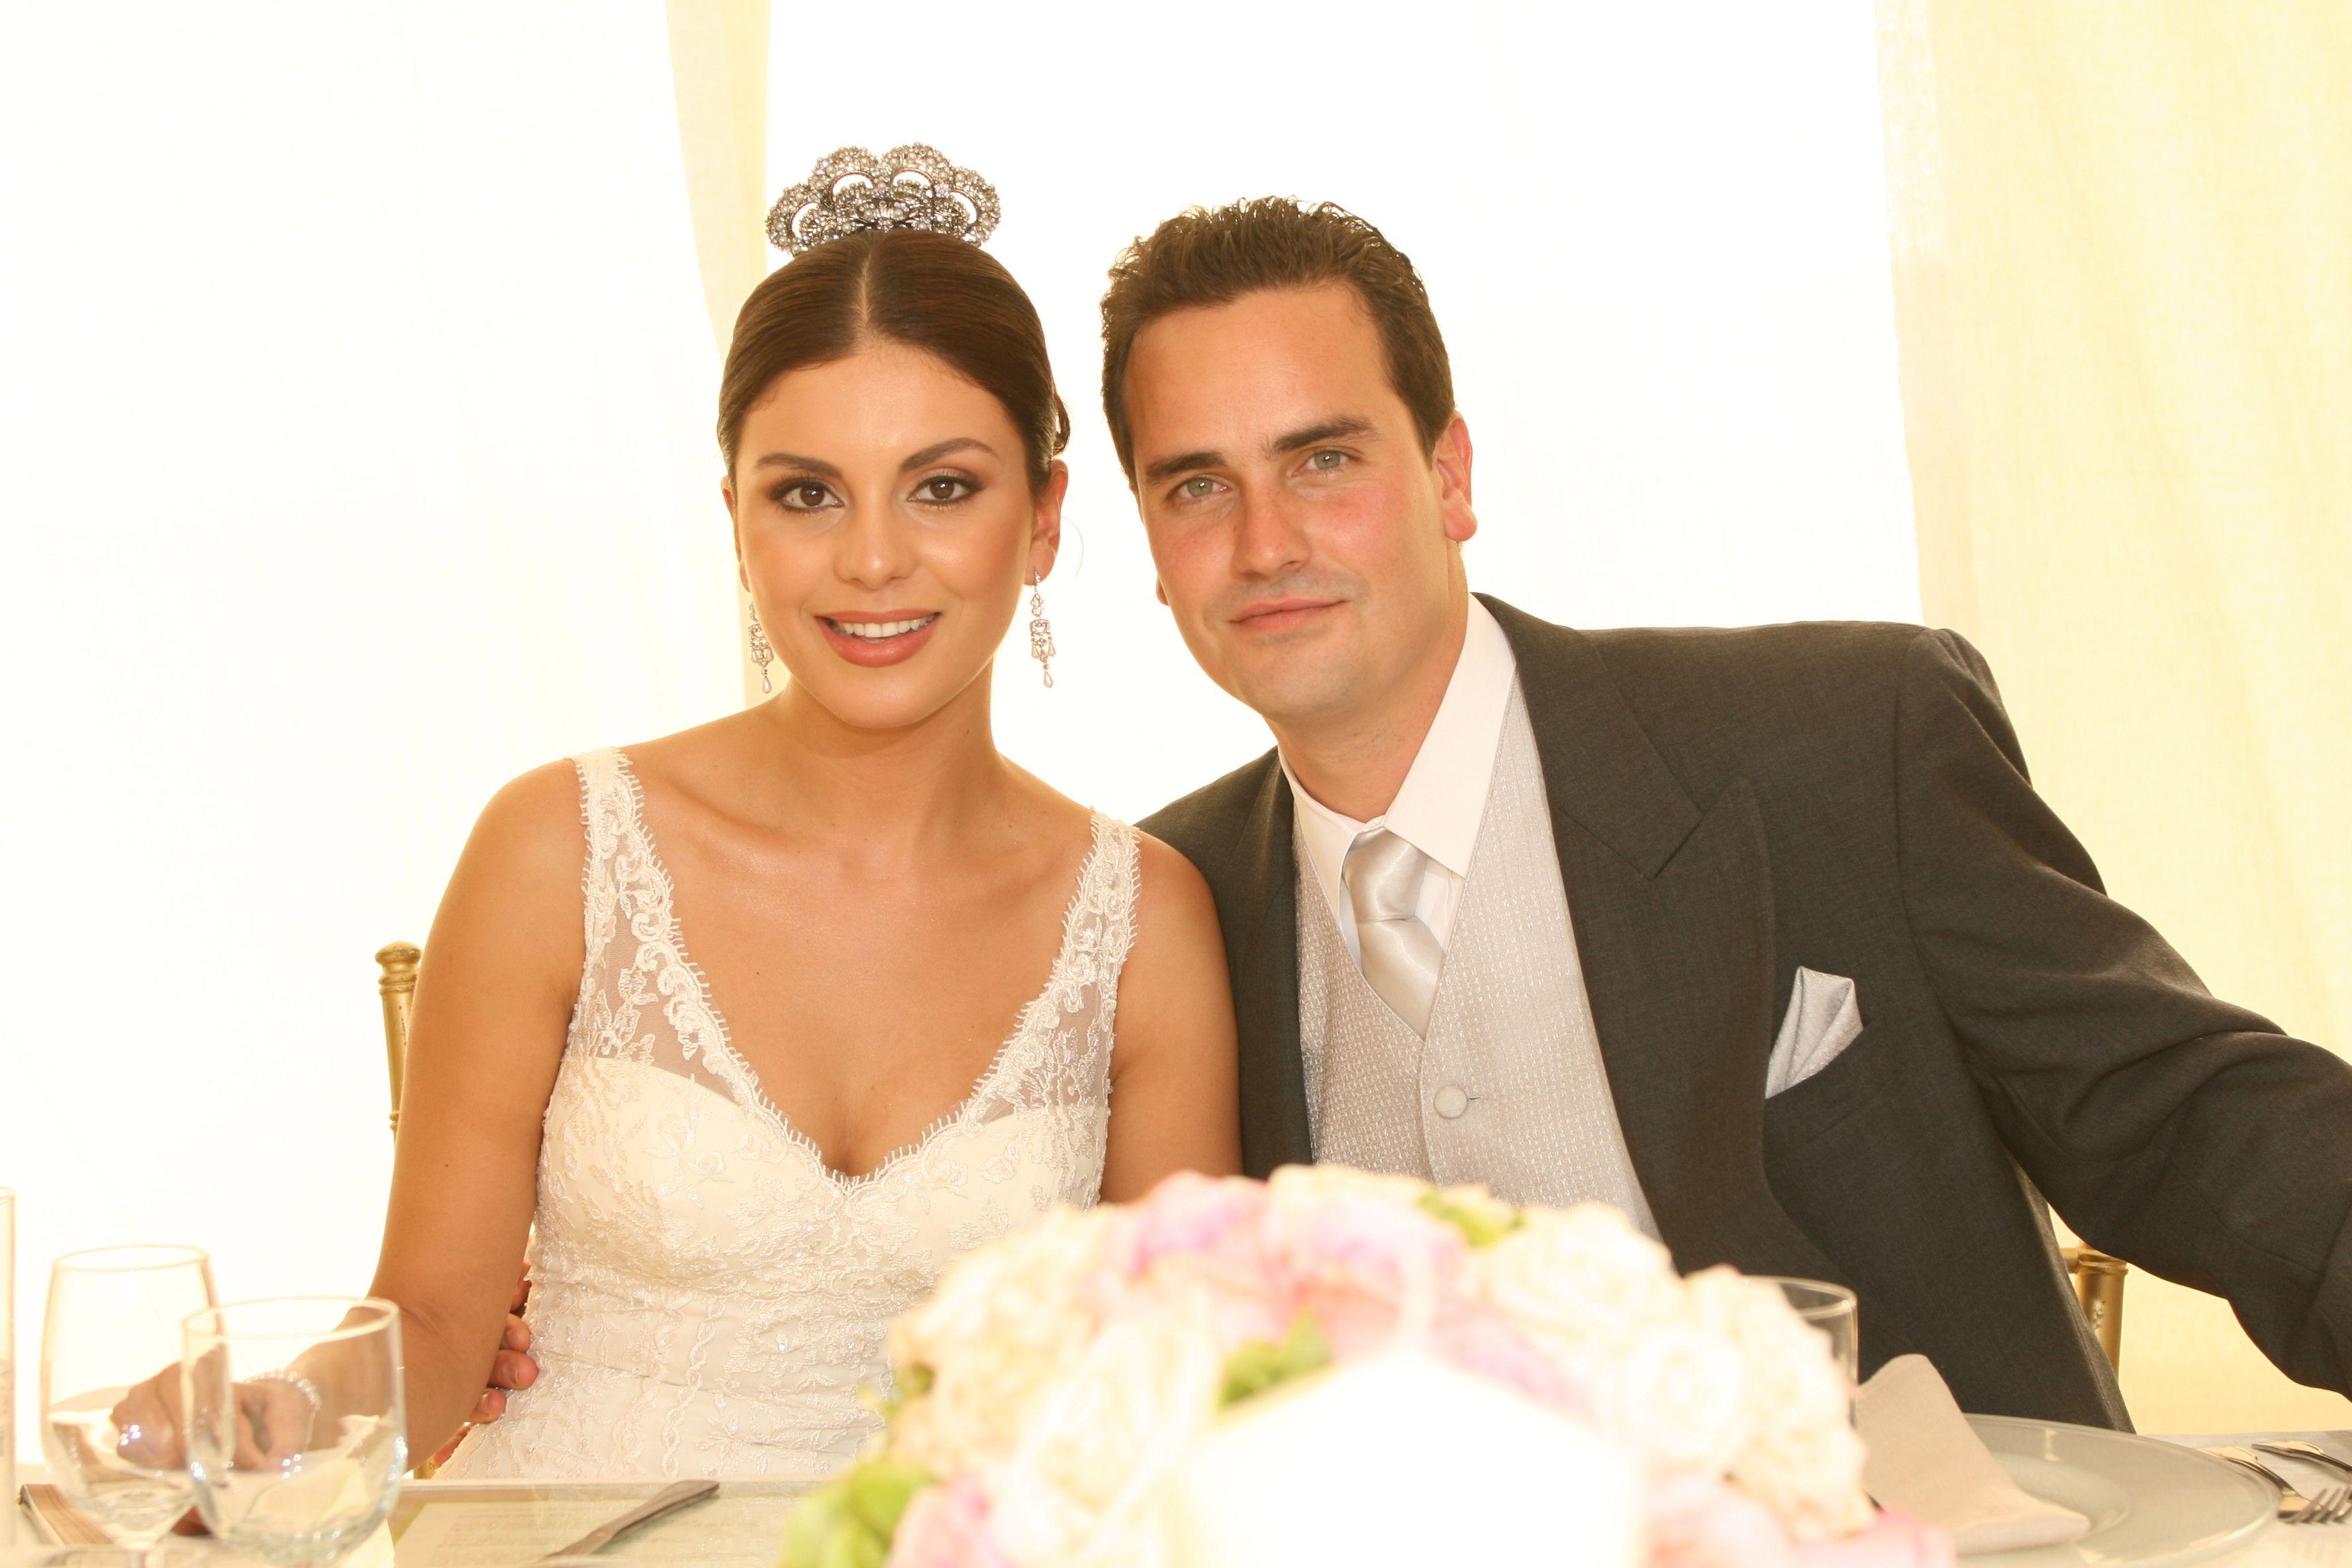 Hoy Cumplo 7 Anos De Casado Muchas Gracias Mi Vida Por Tu